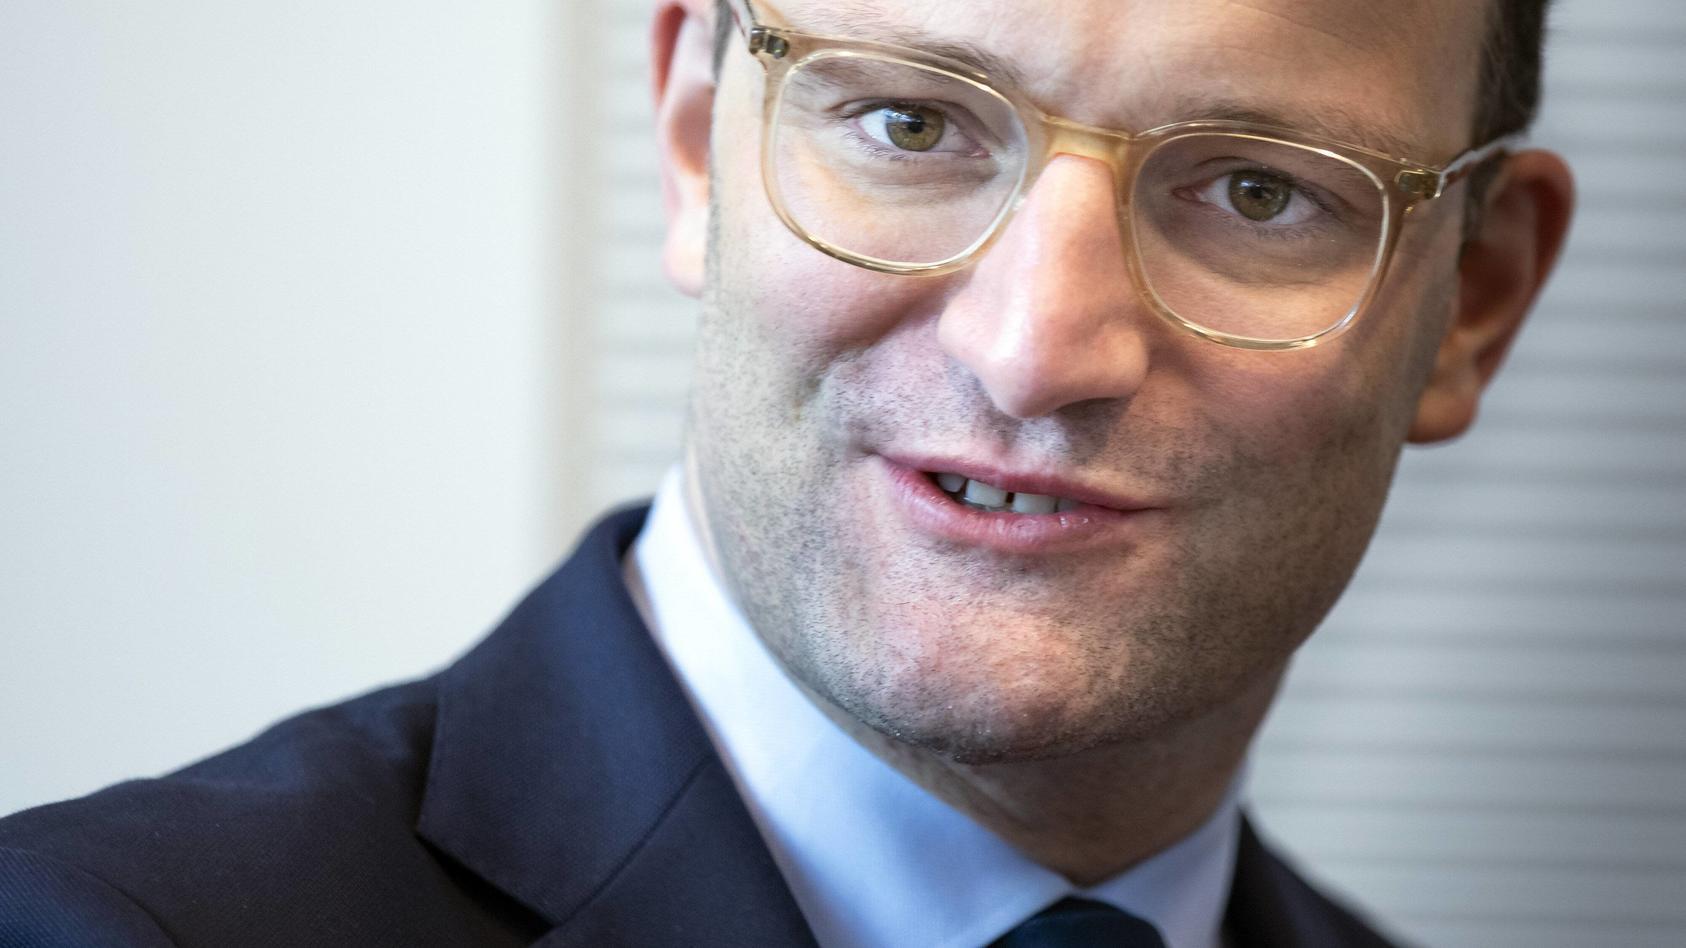 Bundesgesundheitsminister Jens Spahn, CDU, aufgenommen vor einer Fraktionssitzung im Bundestag in Berlin, 02.04.2019. B